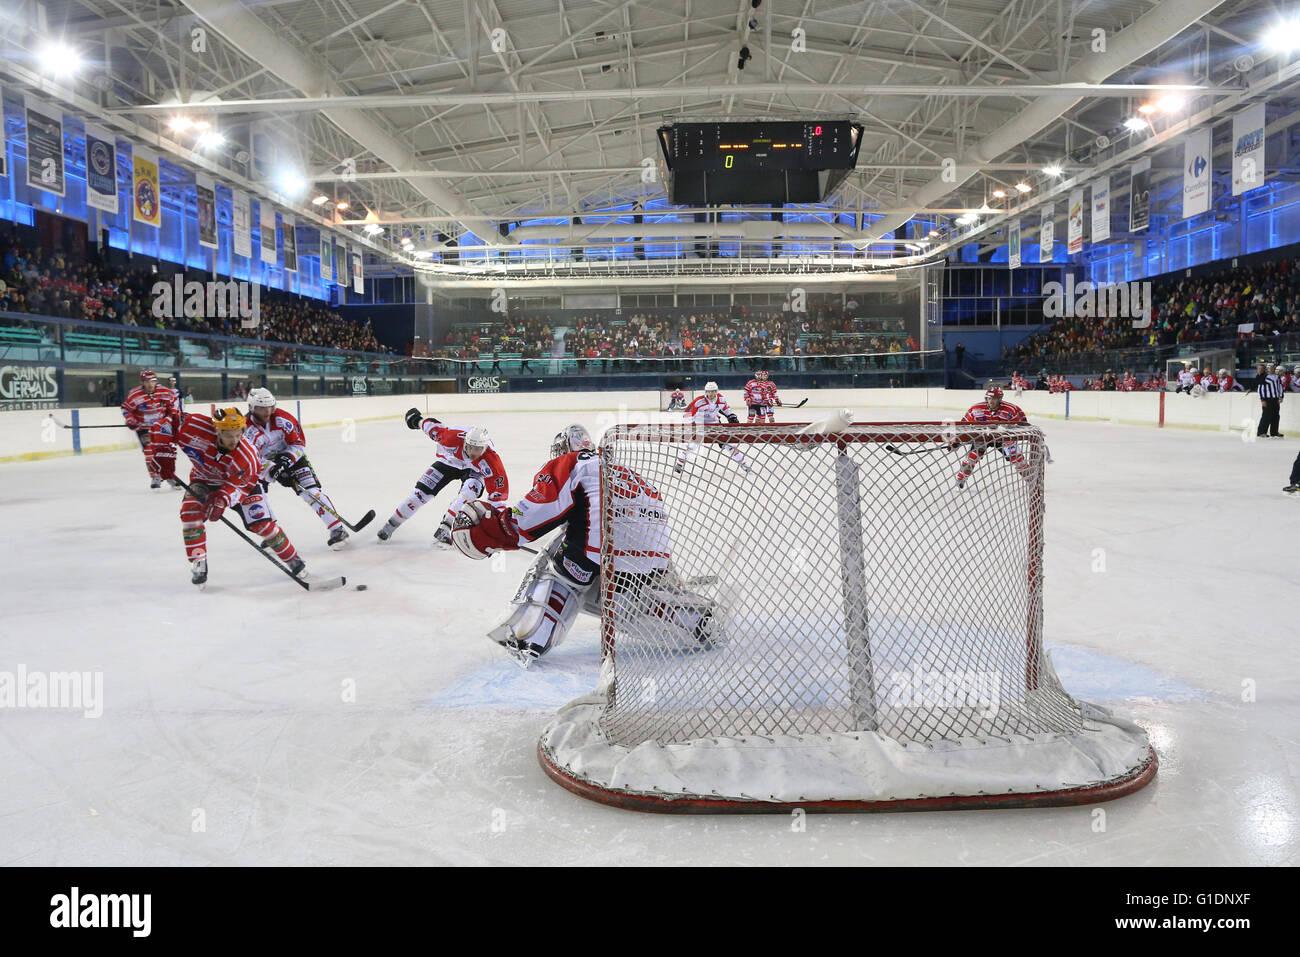 Ice Hockey match.  Mont-Blanc vs La Roche-sur-Yon.  Saint-Gervais-les-Bains. France. - Stock Image